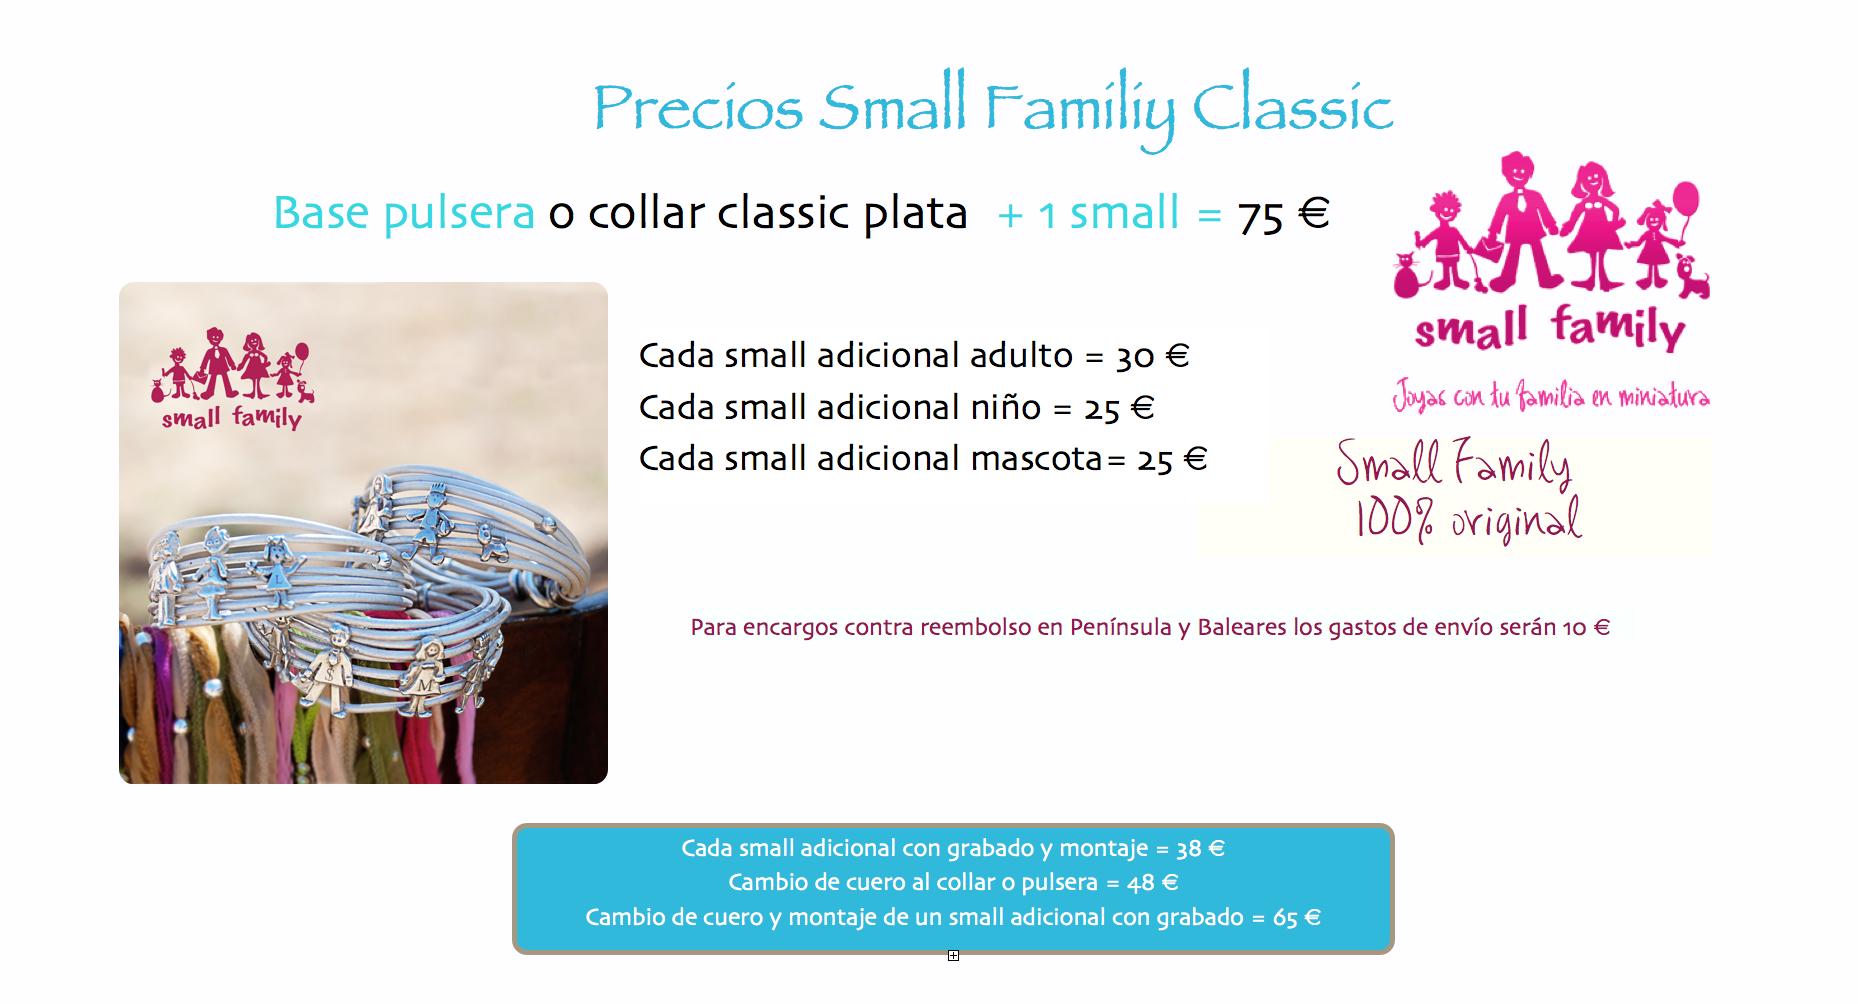 PRECIOS PULSERA SMALL FAMILY CLASSIC